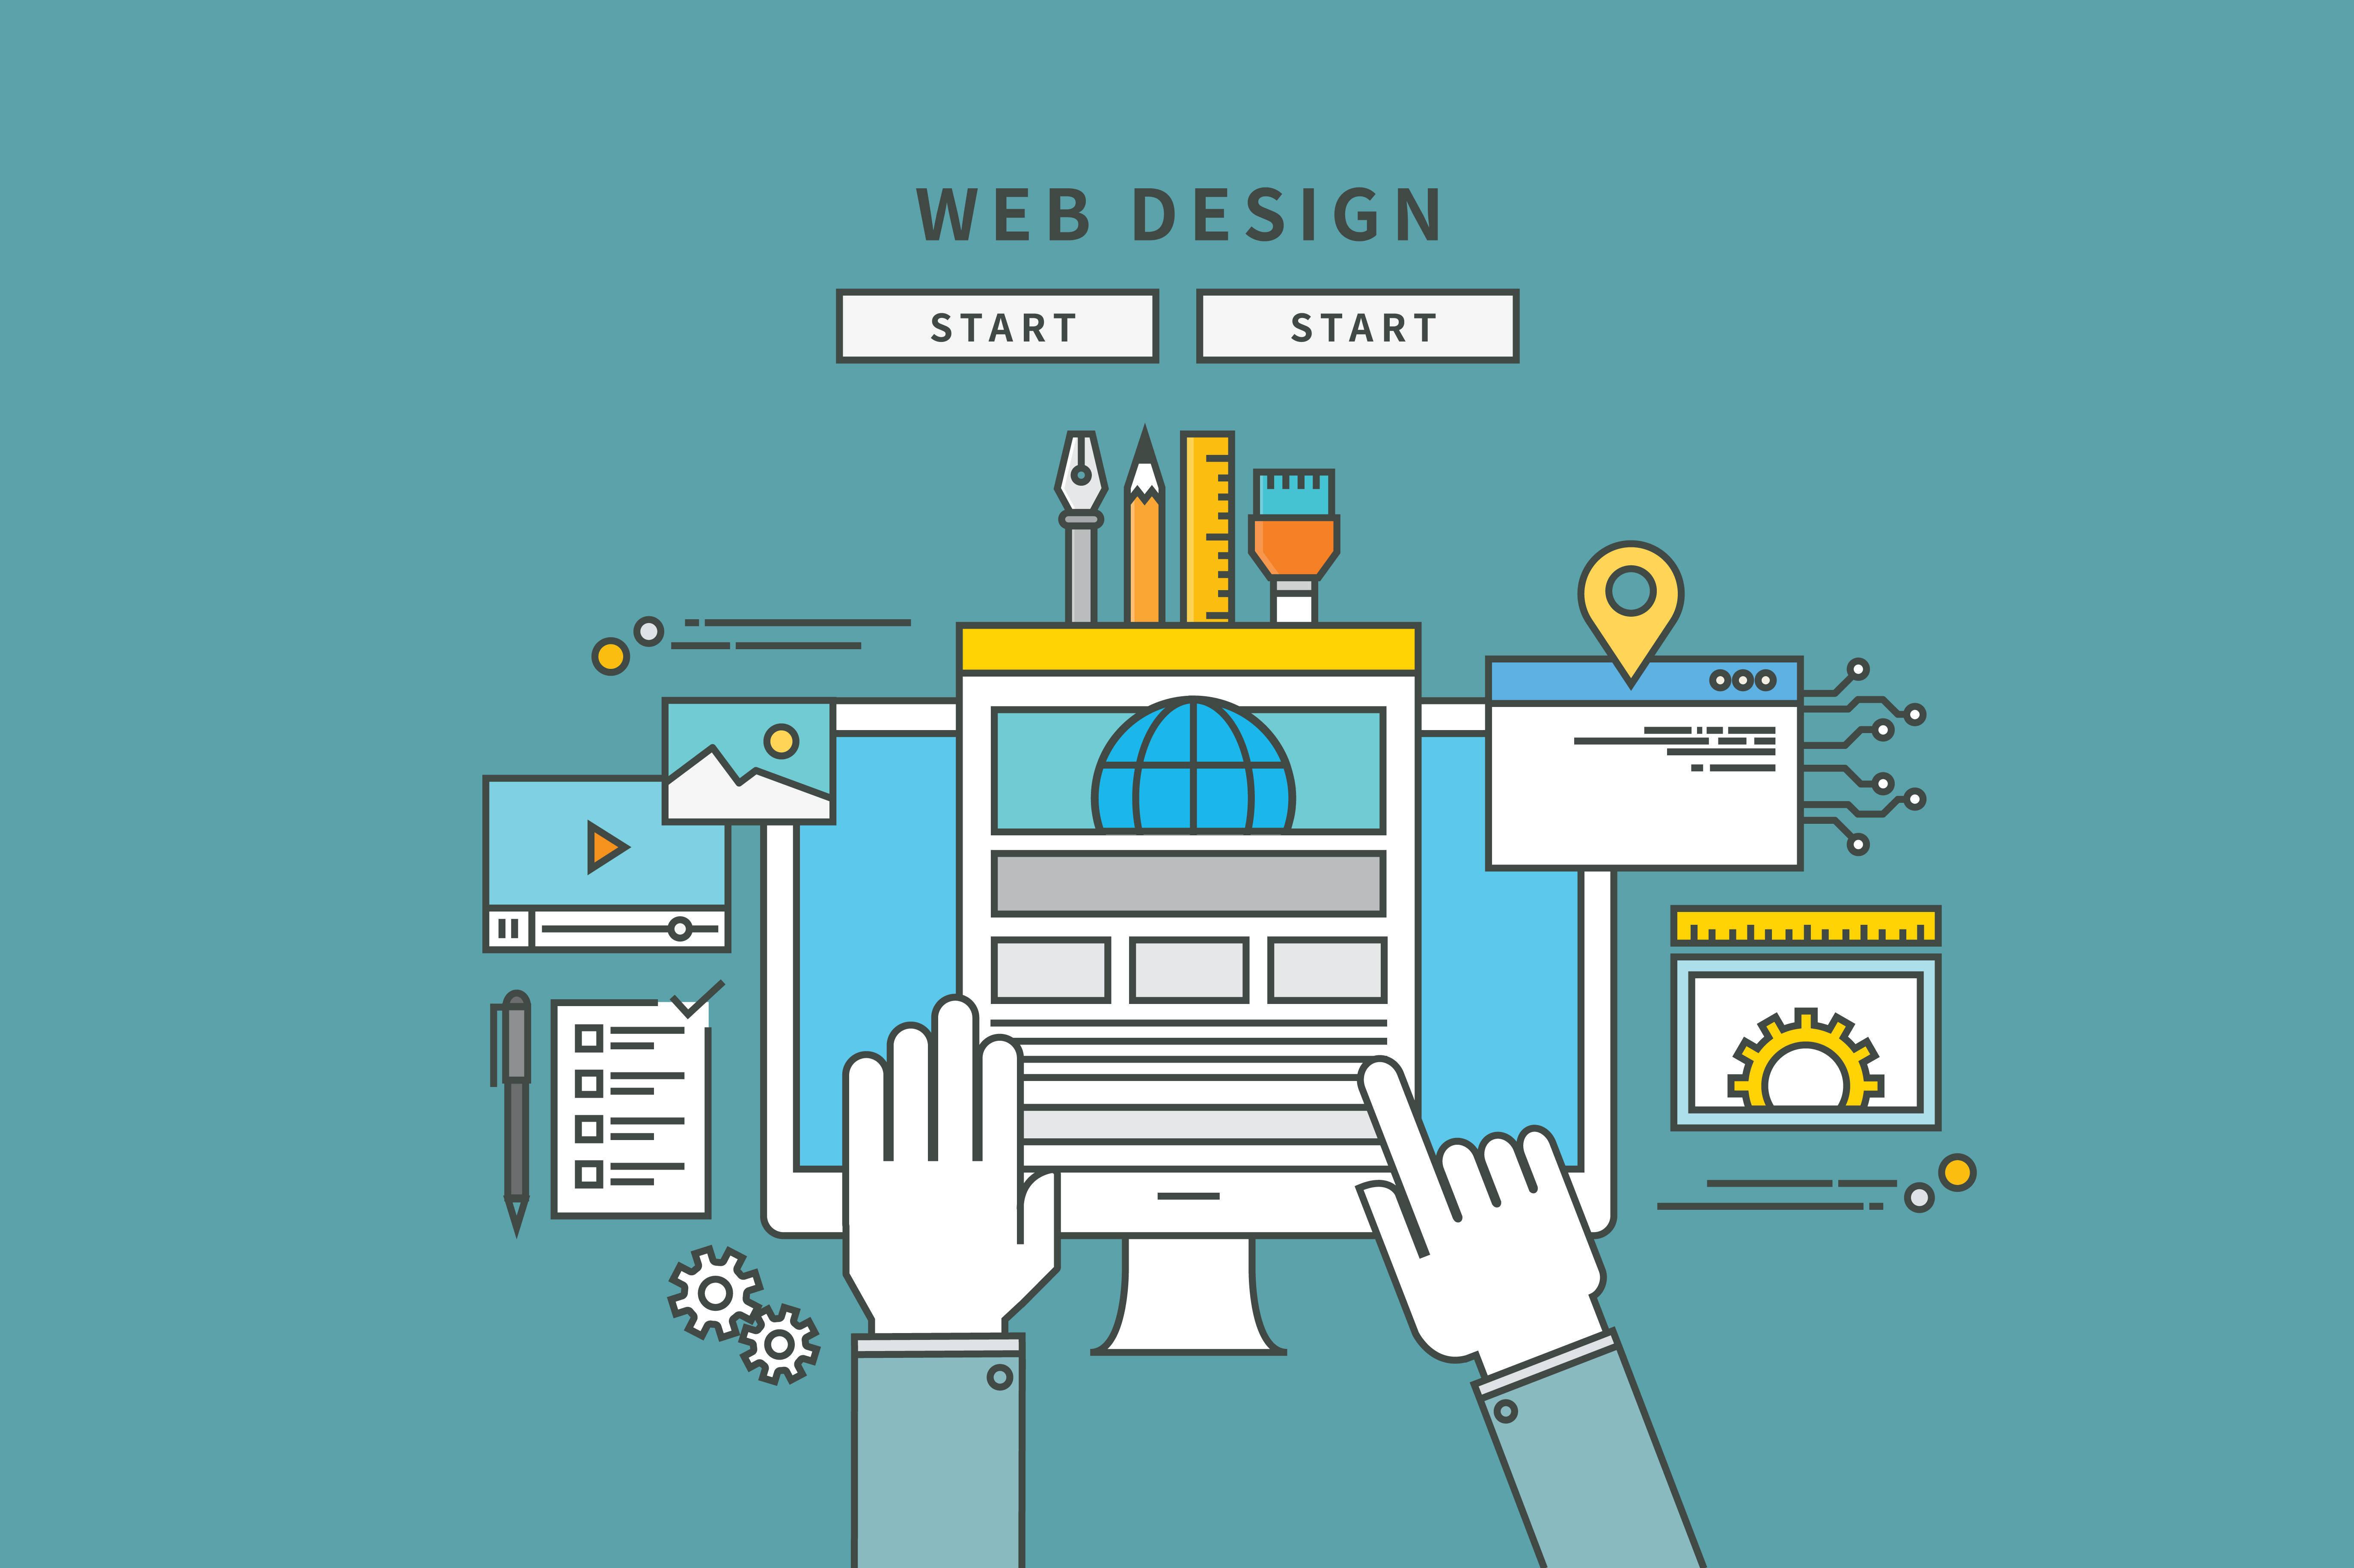 Cómo Optimizar al Máximo los Beneficios de una Web